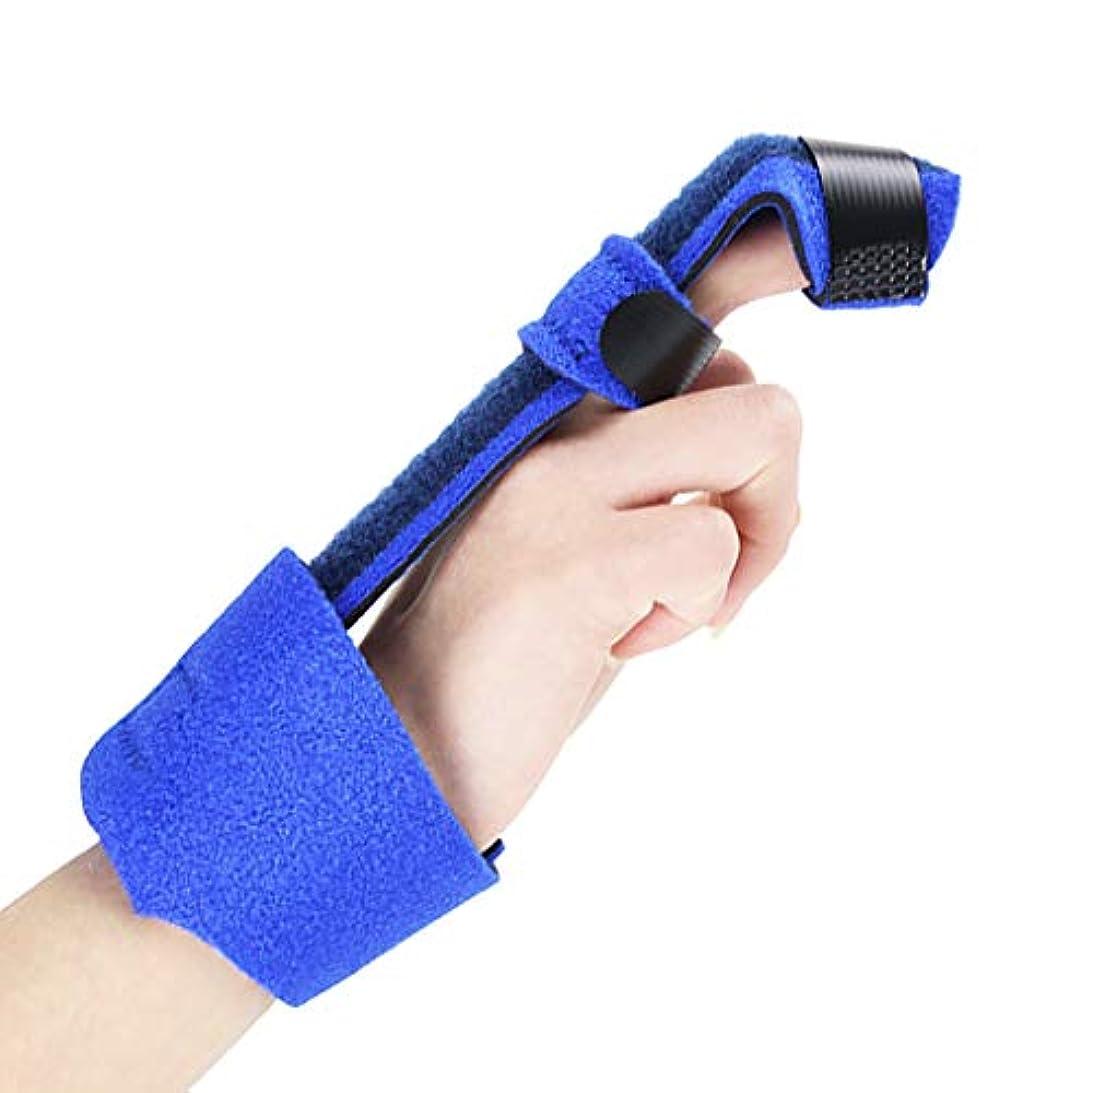 放棄ラフ睡眠横向き指の装具 - 調節可能な指の救助のリハビリテーションのベルト、関節炎の腱炎の捻挫の苦痛固定副木のリハビリテーション装置,1pcs